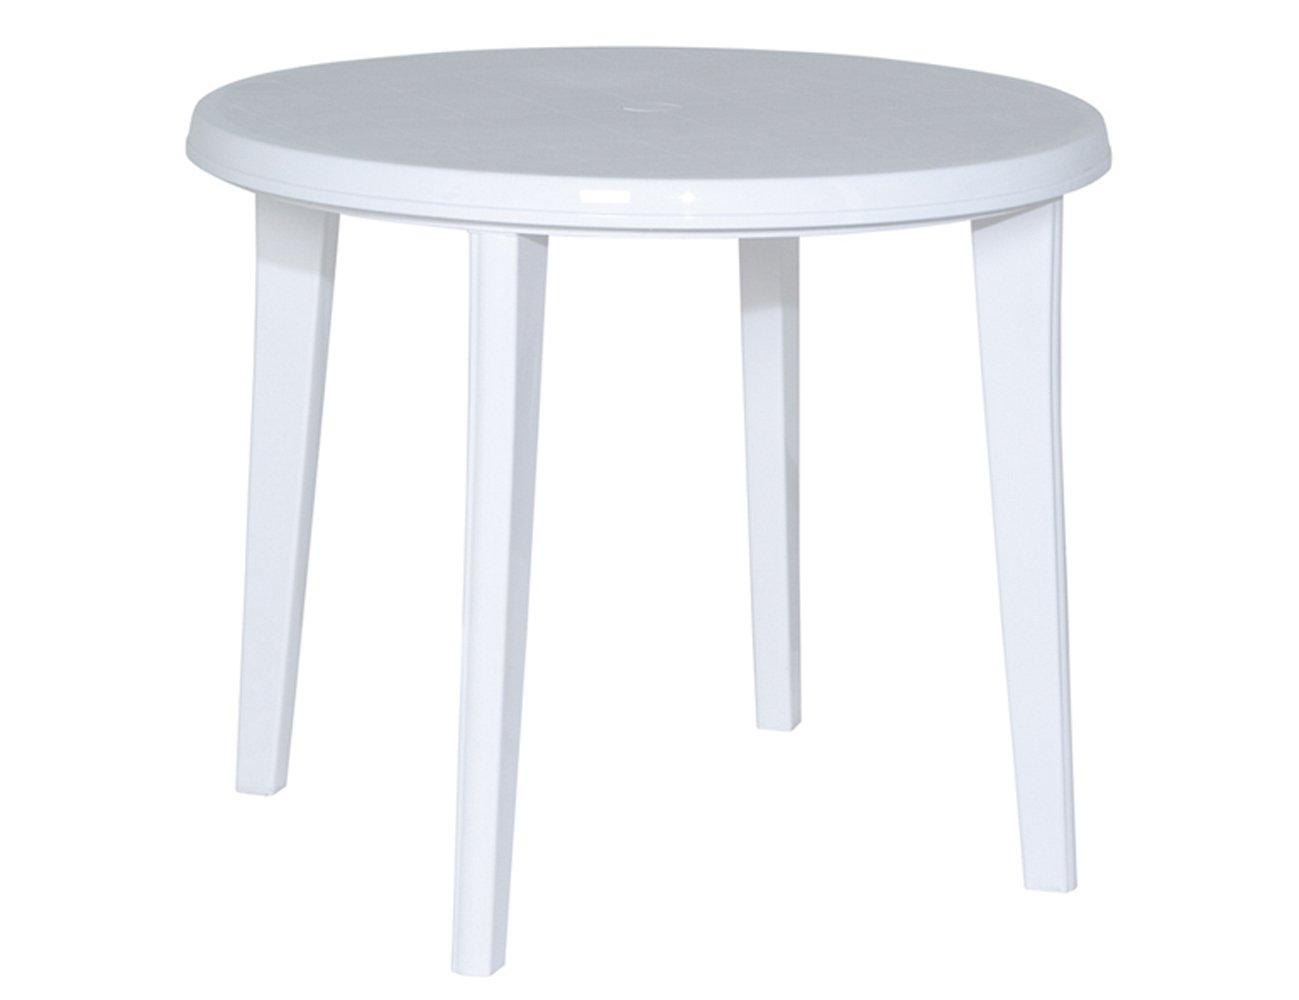 JARDIN 137212 Tisch Lisa, Vollkunststoff ø 90 x H 73 cm, weiß jetzt kaufen